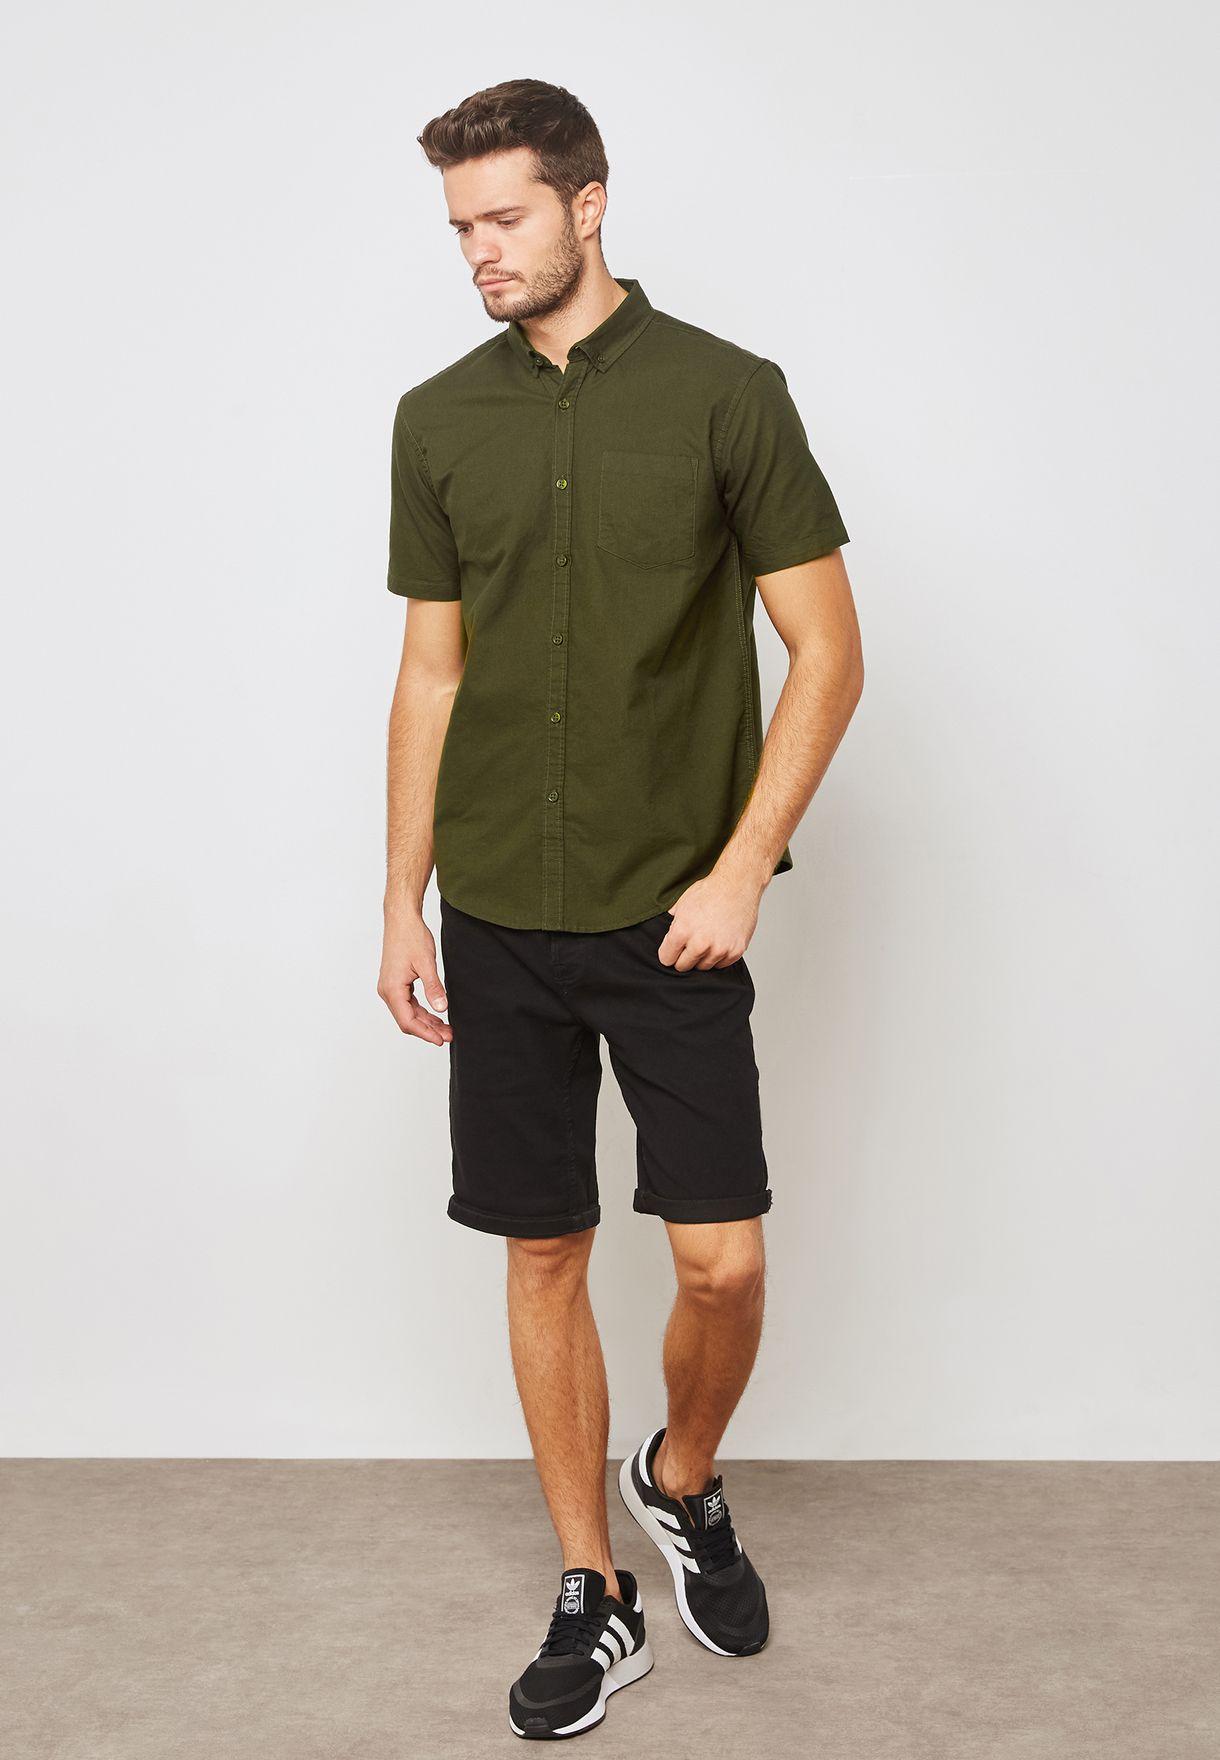 Regular Fit Oxford Shirt